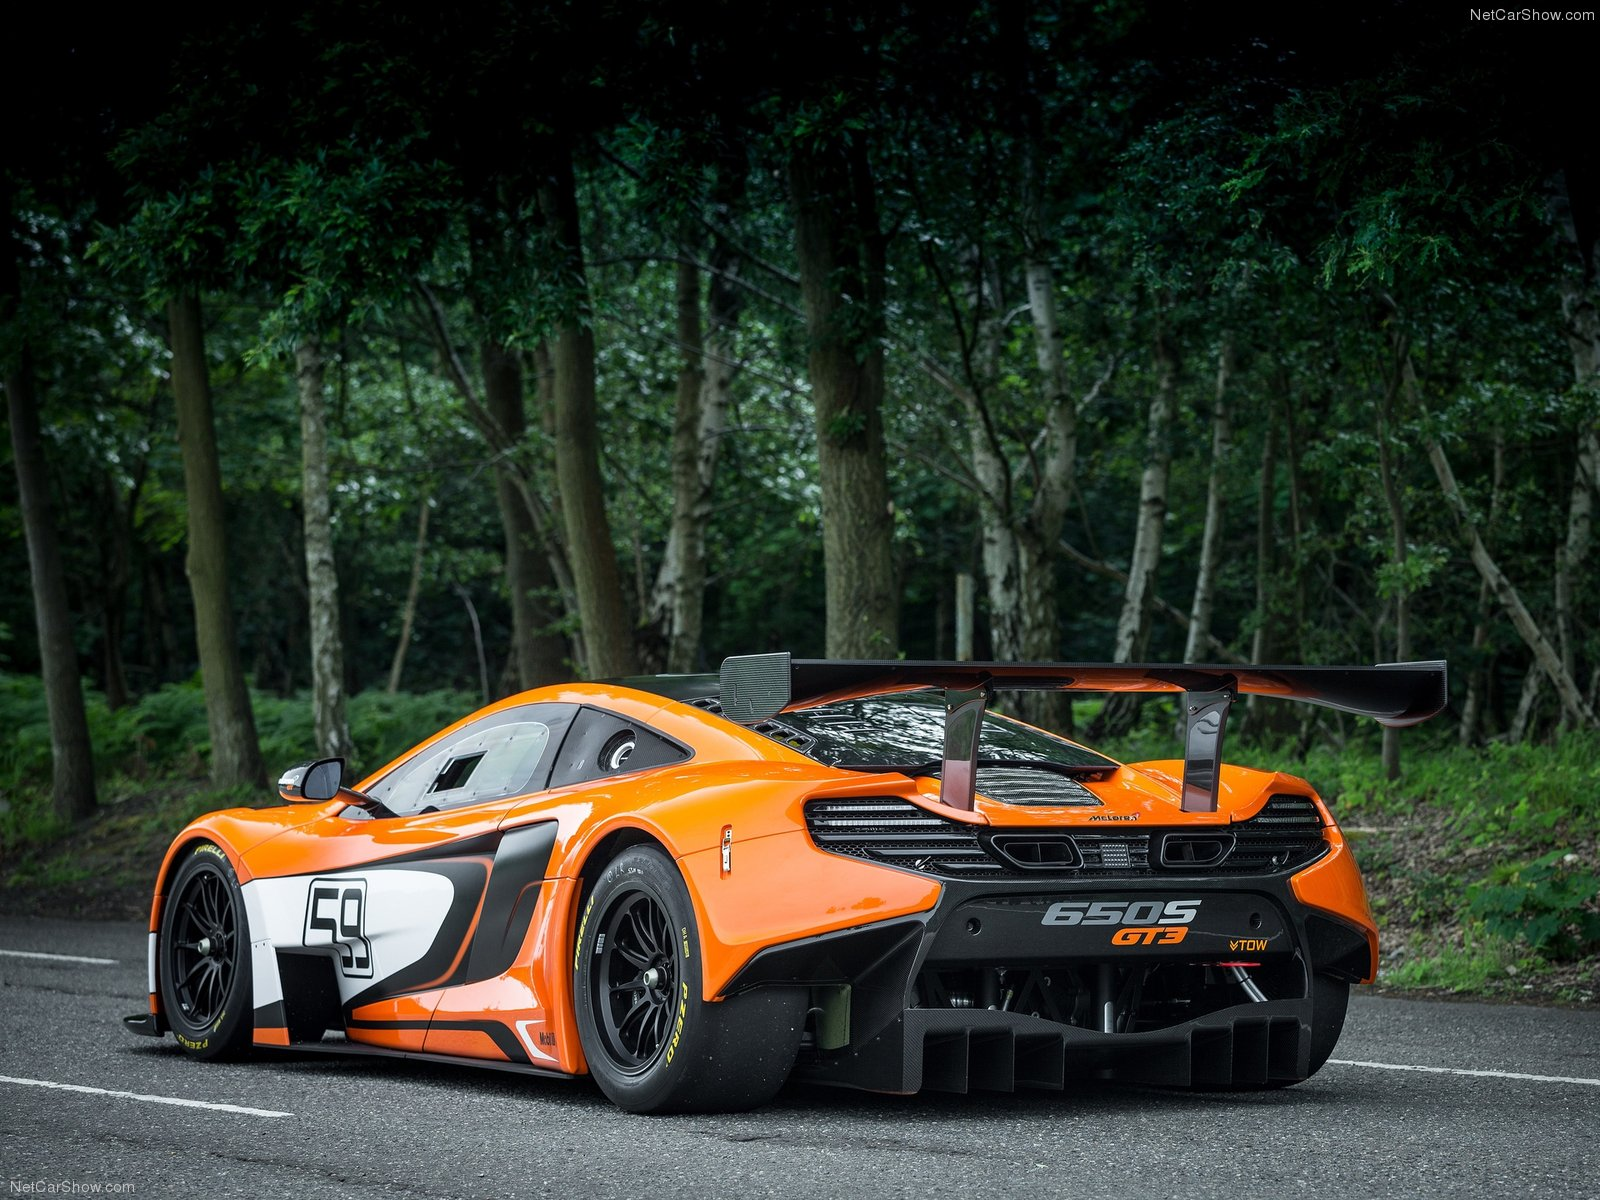 Hình ảnh siêu xe McLaren 650S GT3 2015 & nội ngoại thất